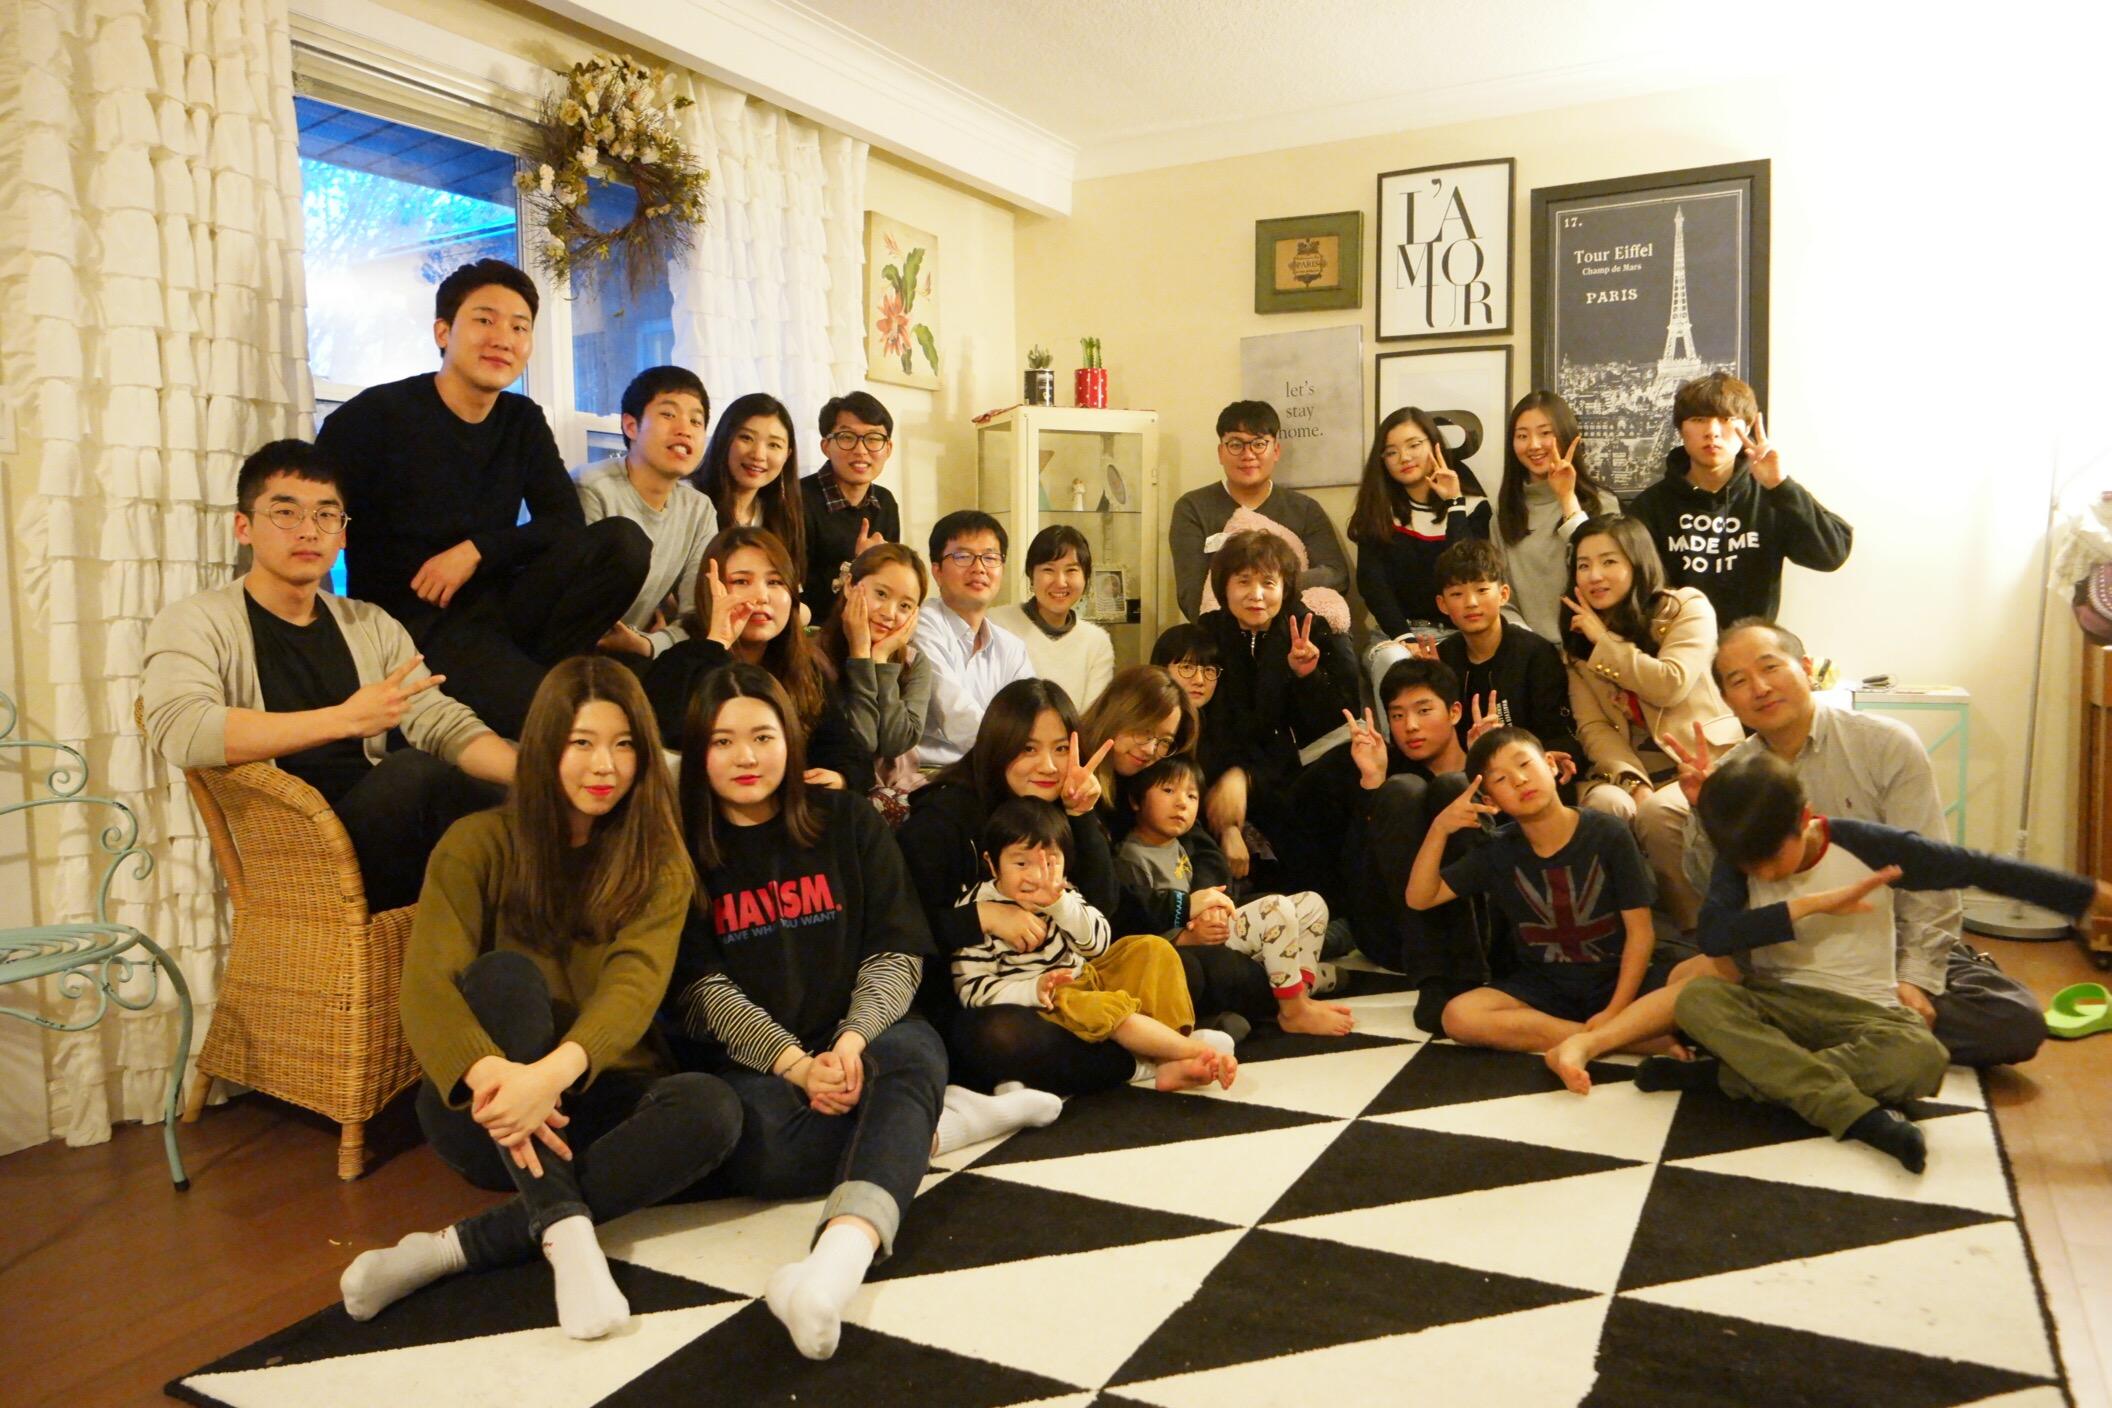 2017년 5월 새가족 환영 디너 2